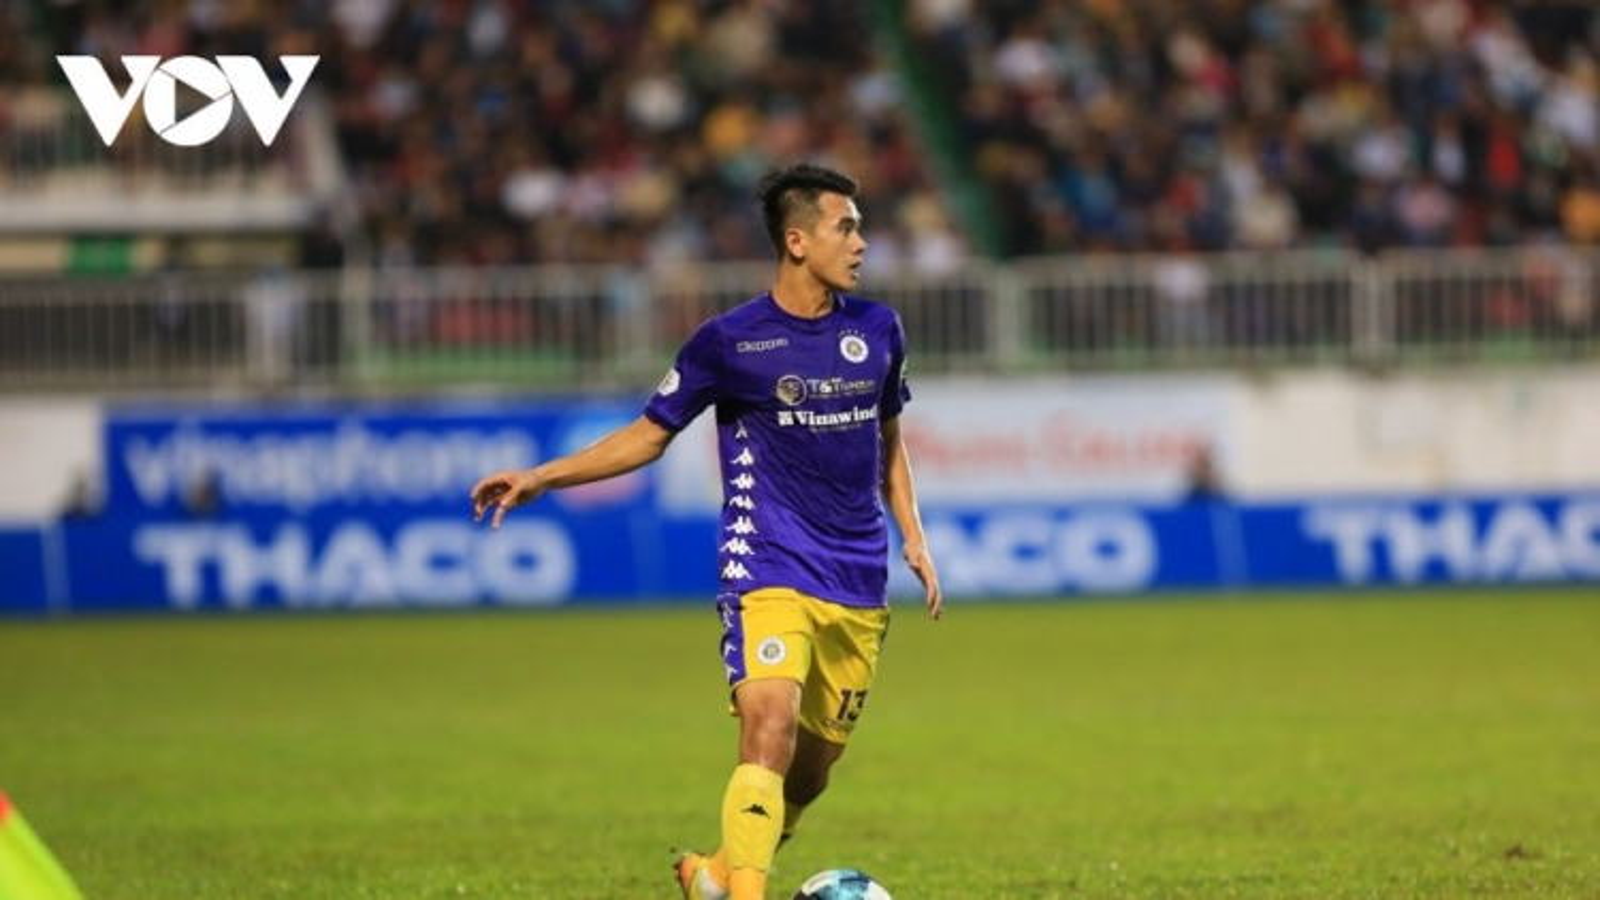 HLV Park Hang Seo bất ngờ tuyển thêm quân cho ĐT Việt Nam